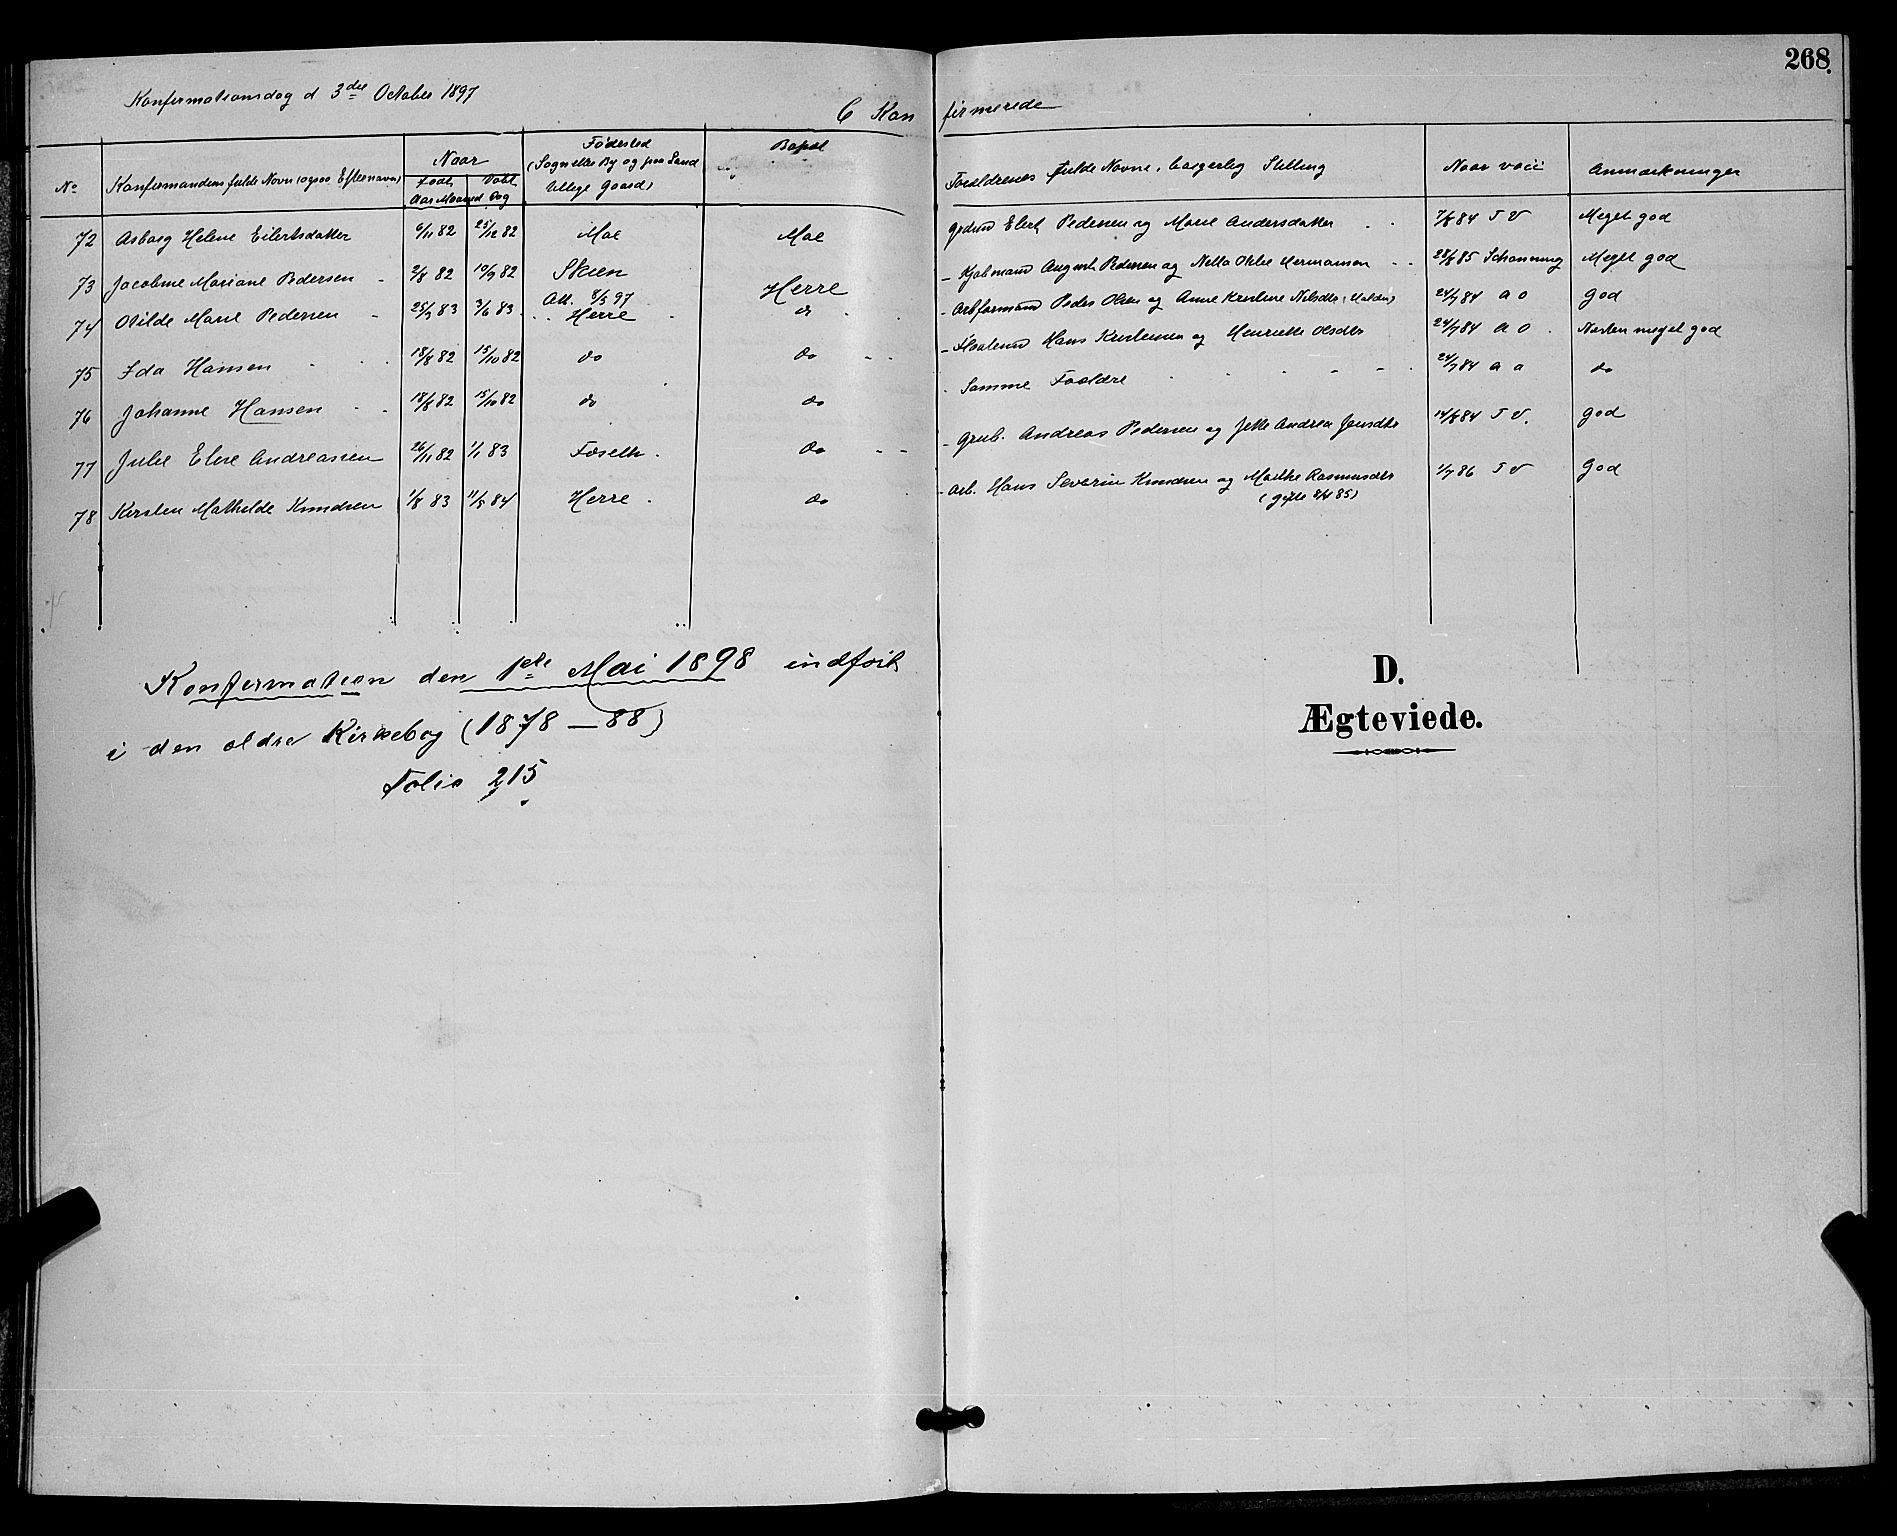 SAKO, Bamble kirkebøker, G/Ga/L0009: Klokkerbok nr. I 9, 1888-1900, s. 268